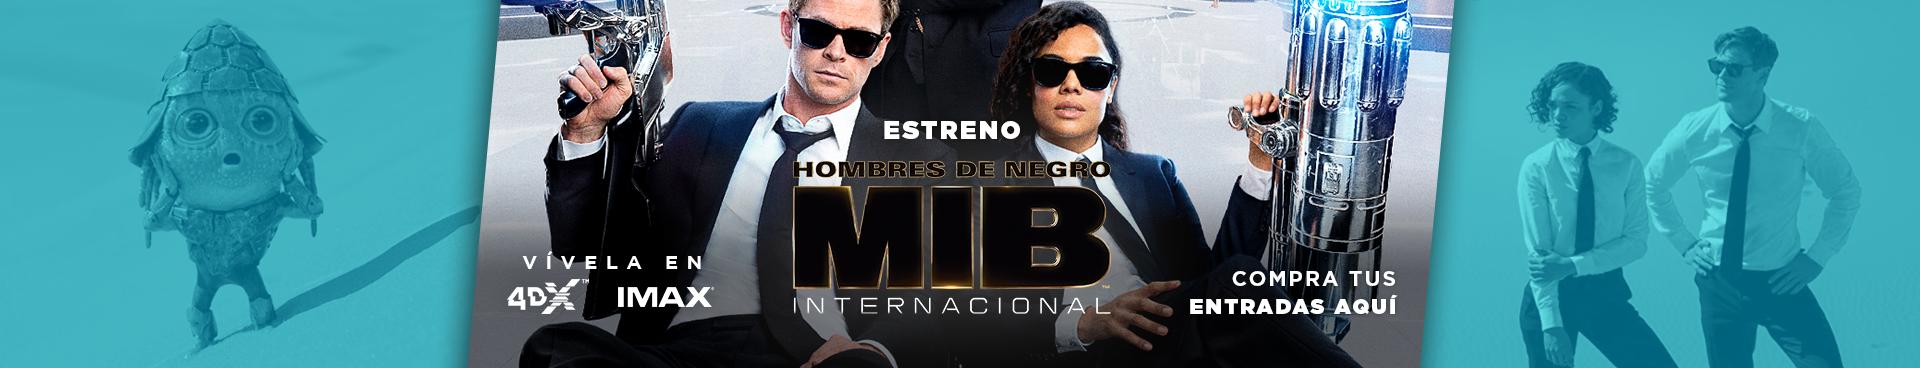 ESTRENO HOMBRES DE NEGRO: INTERNACIONAL, VIVELA EN IMAX Y 4DX, COMPRA AQUÍ TUS ENTRADAS